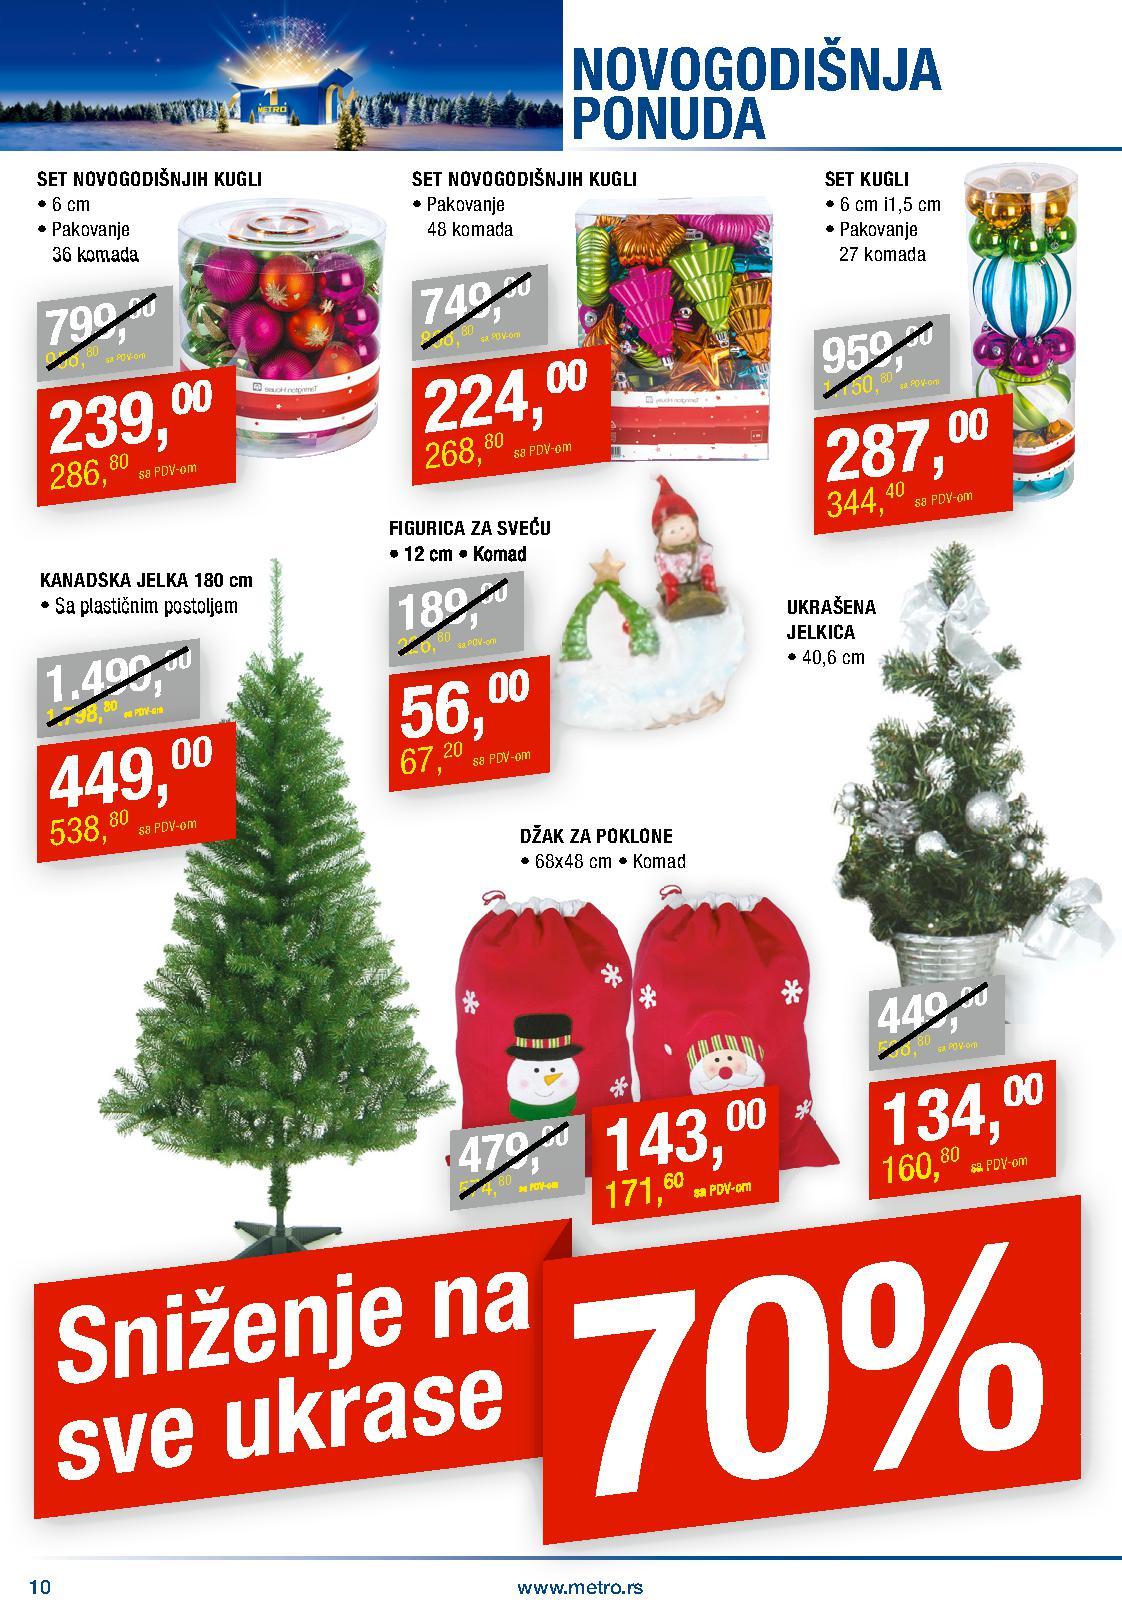 Metro katalog super novogodišnja ponuda